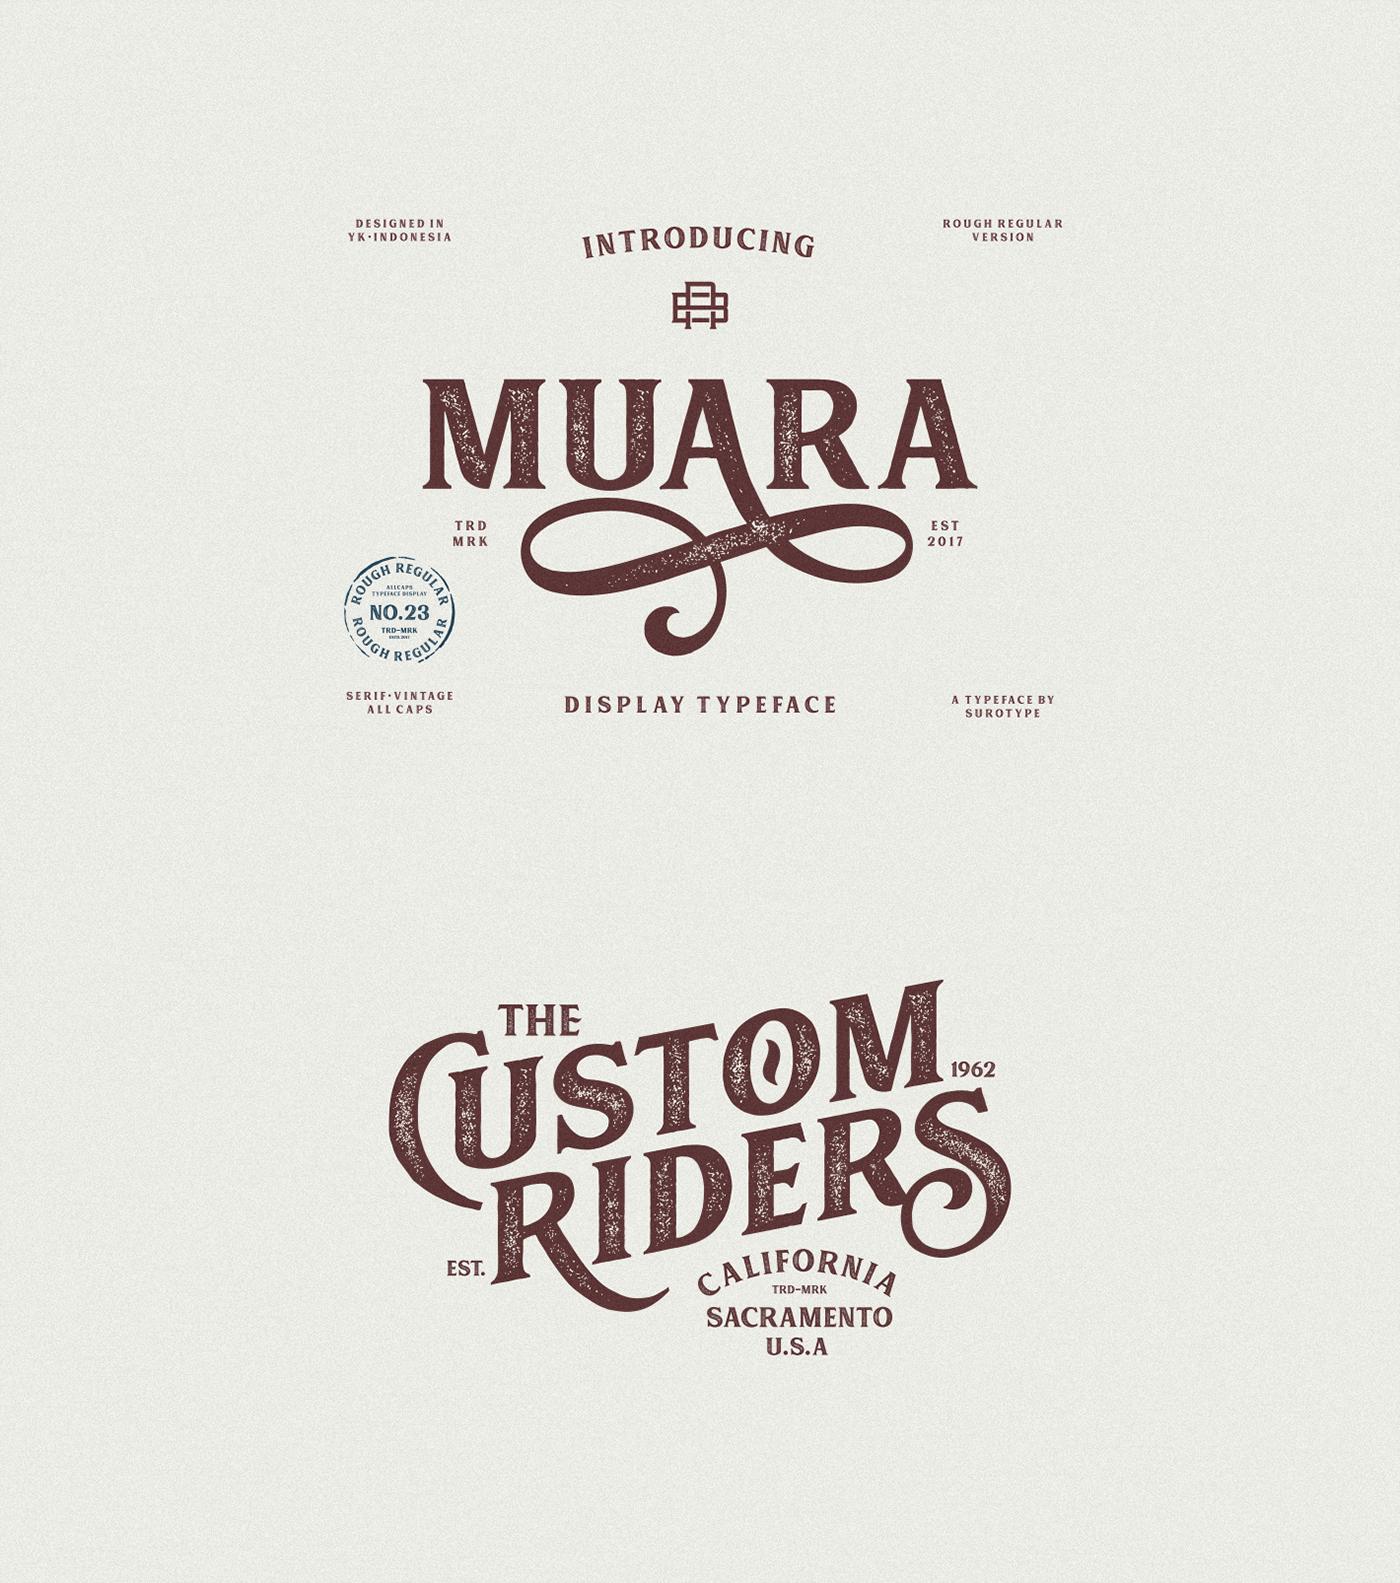 free download fonts Retro vintage Font Retro Font Vintage Label beer logo logo font Hipster